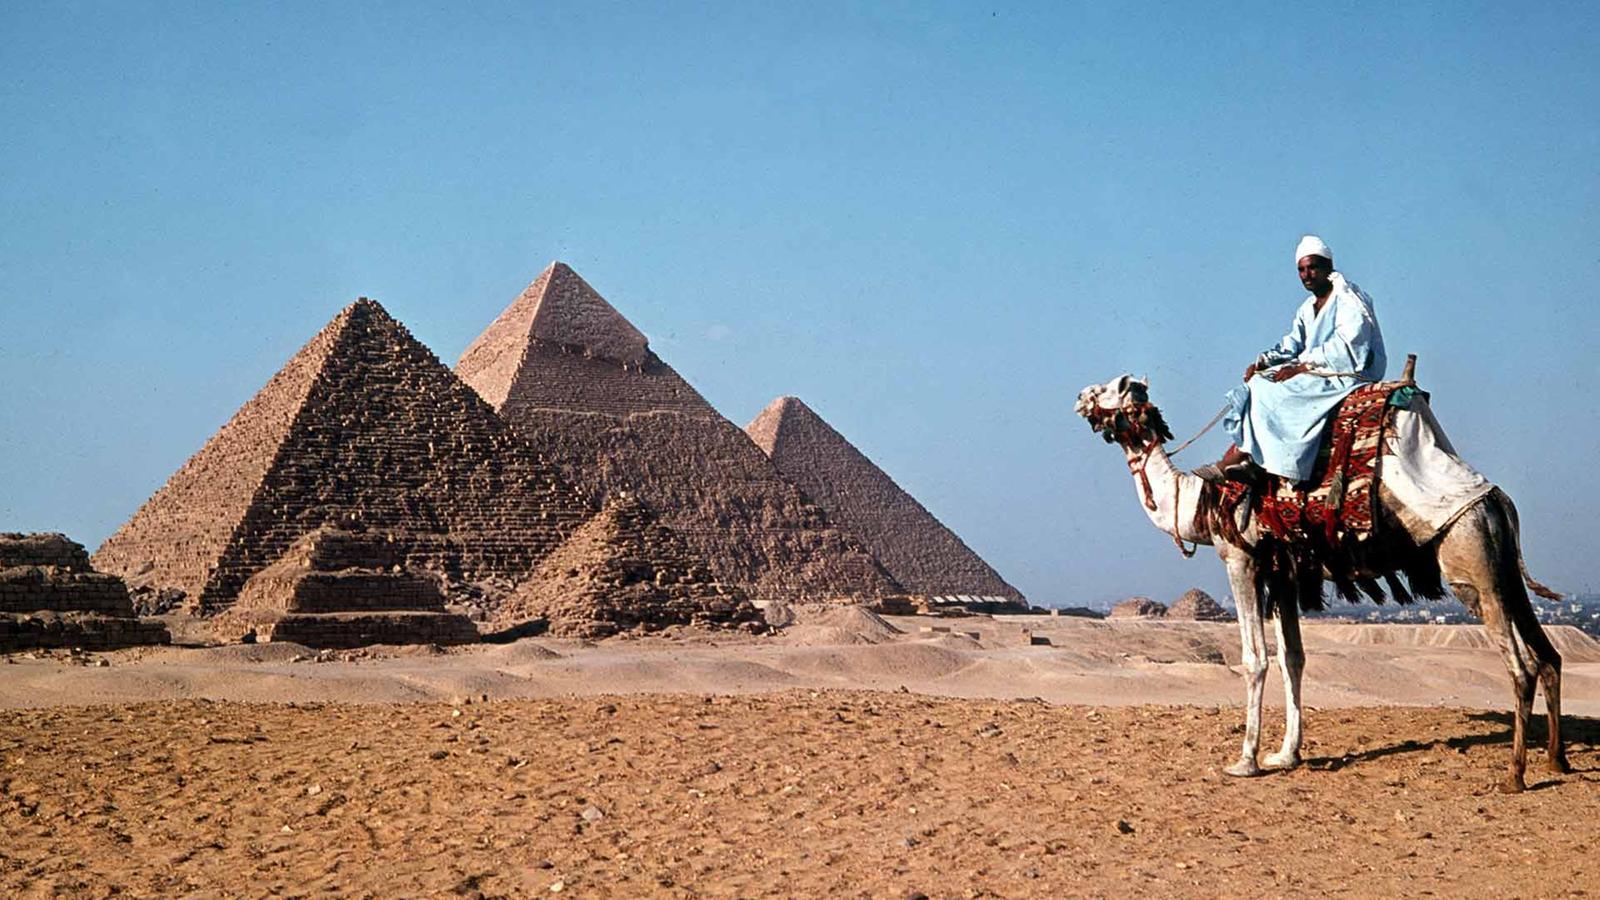 pyramidenbau cheops antike geschichte planet wissen. Black Bedroom Furniture Sets. Home Design Ideas